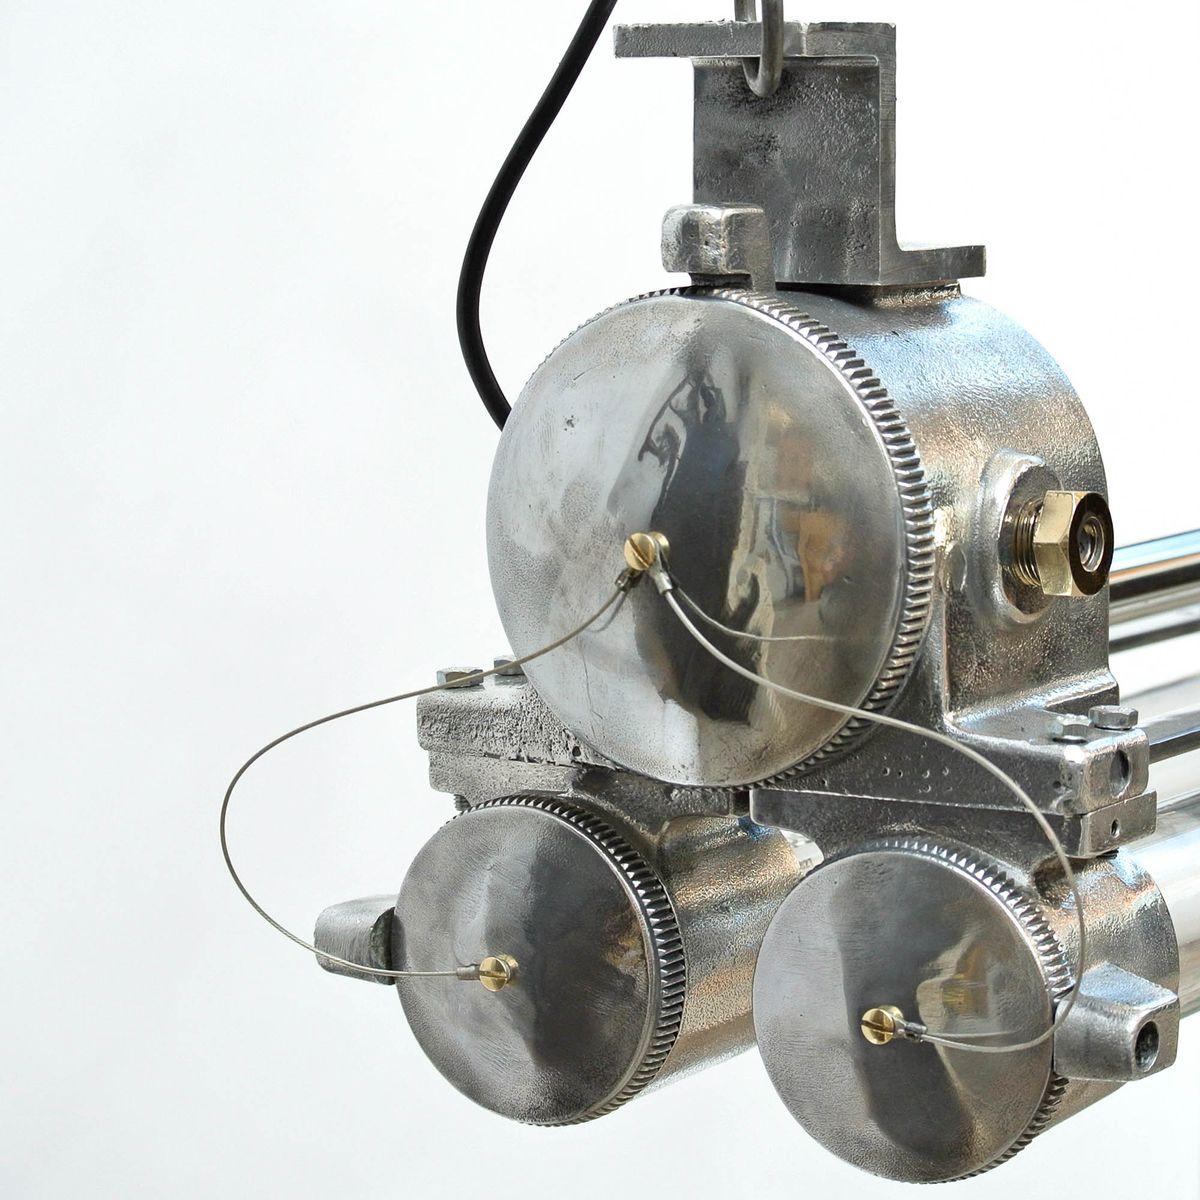 Vintage Industrial Fluorescent Light: Vintage Industrial Explosion-Proof Fluorescent Light In